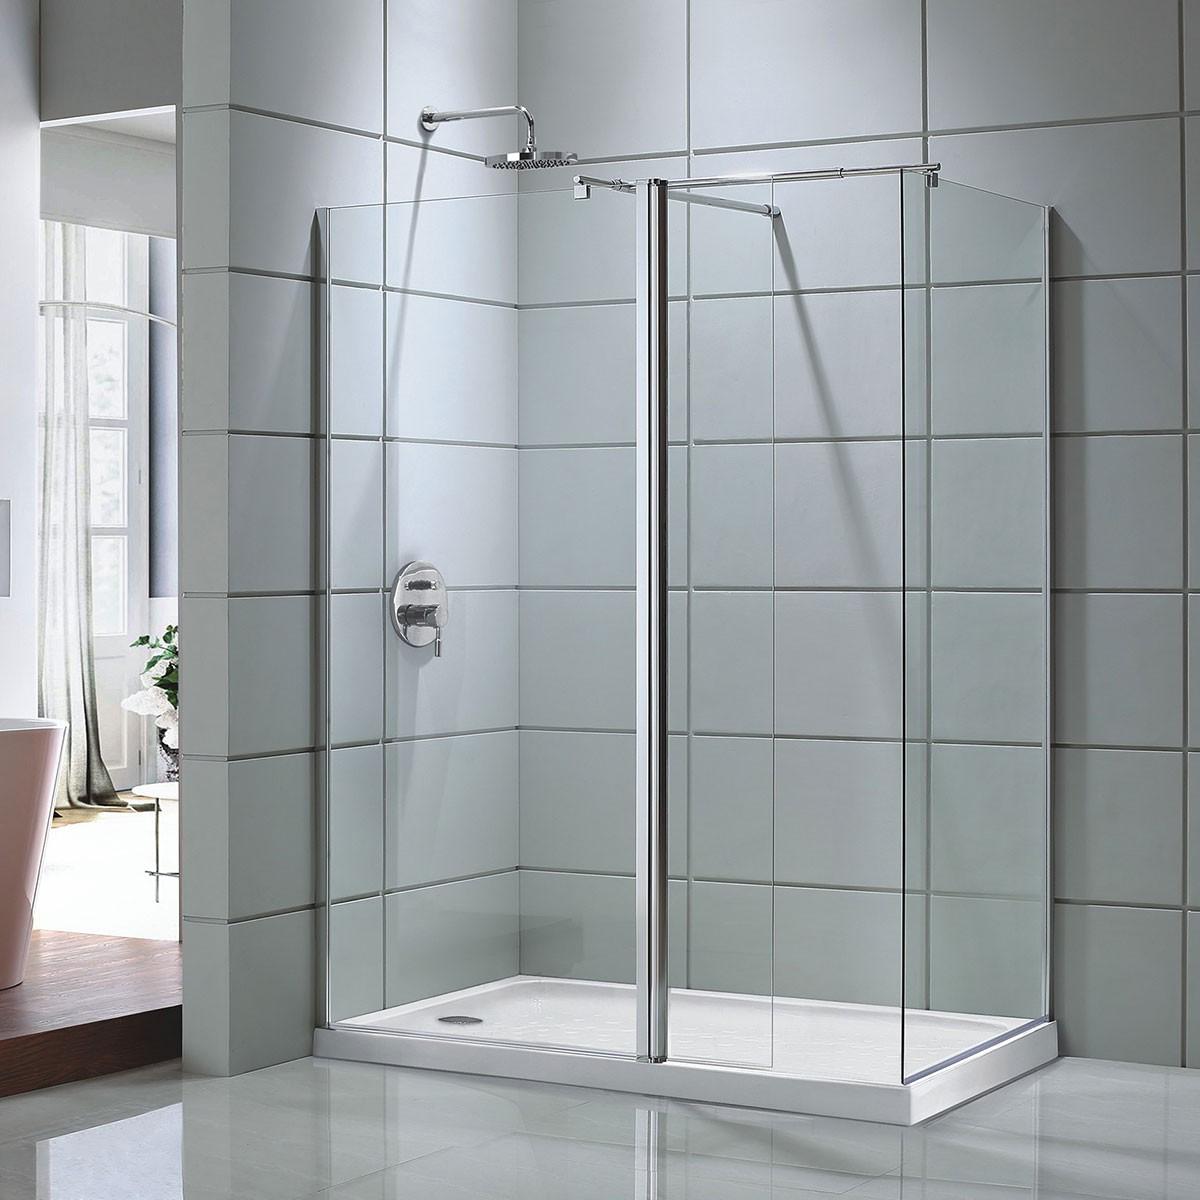 60 In. Shower Door with 36 In. Side Panel (DK-D203-150) | Decoraport USA